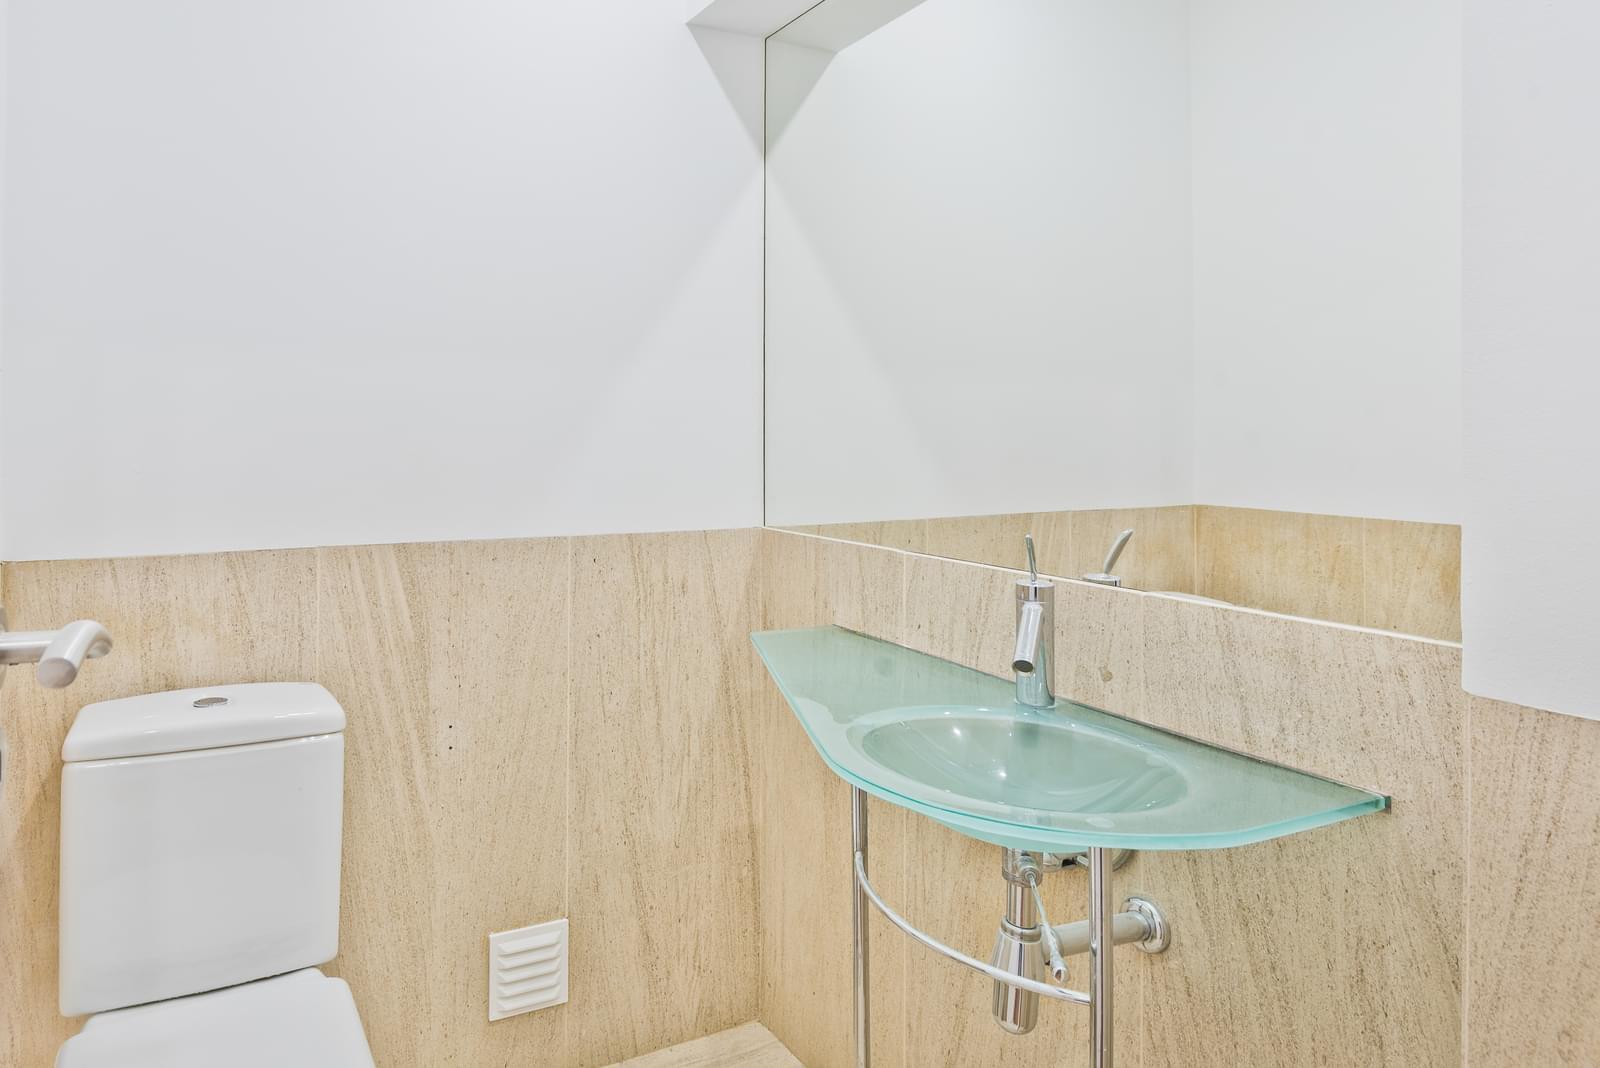 pf18963-apartamento-t5-cascais-2a817186-6e9e-4a66-92fb-8c711e59c6a4